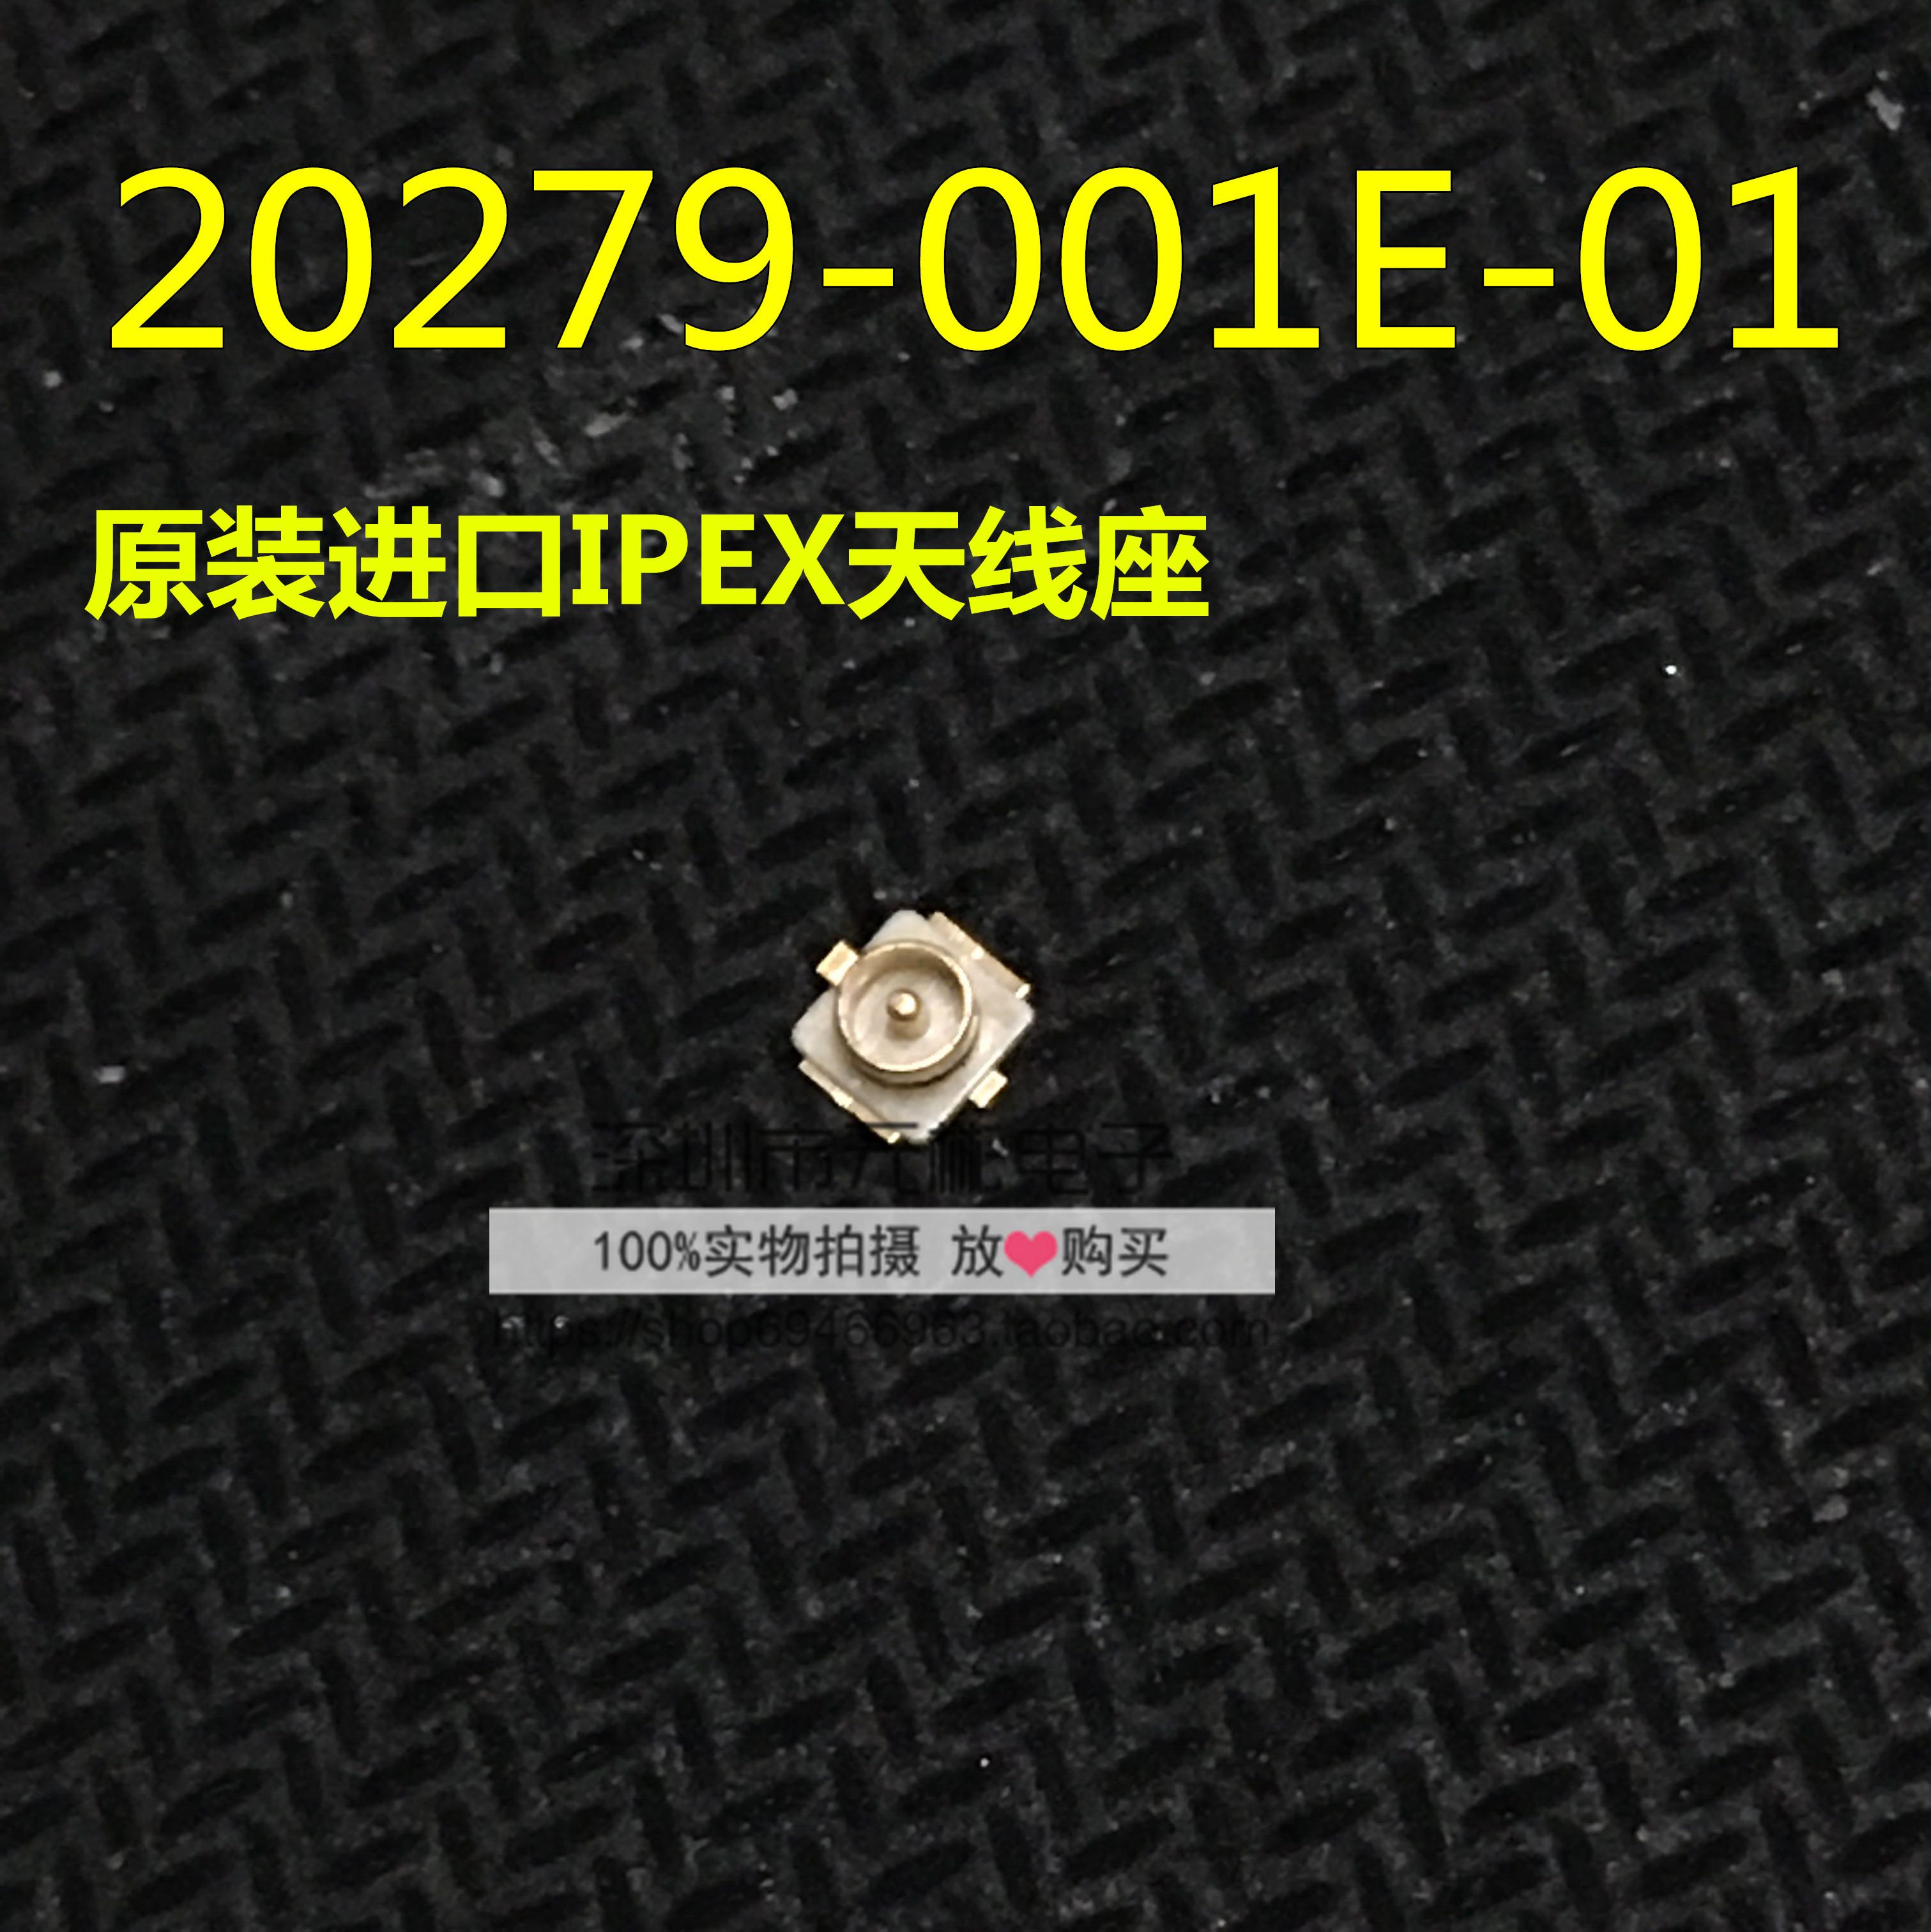 U.FL座 IPEX/IPX接�^U.FL-R-SMT 射�l同�S�B接器天�座20279-001E